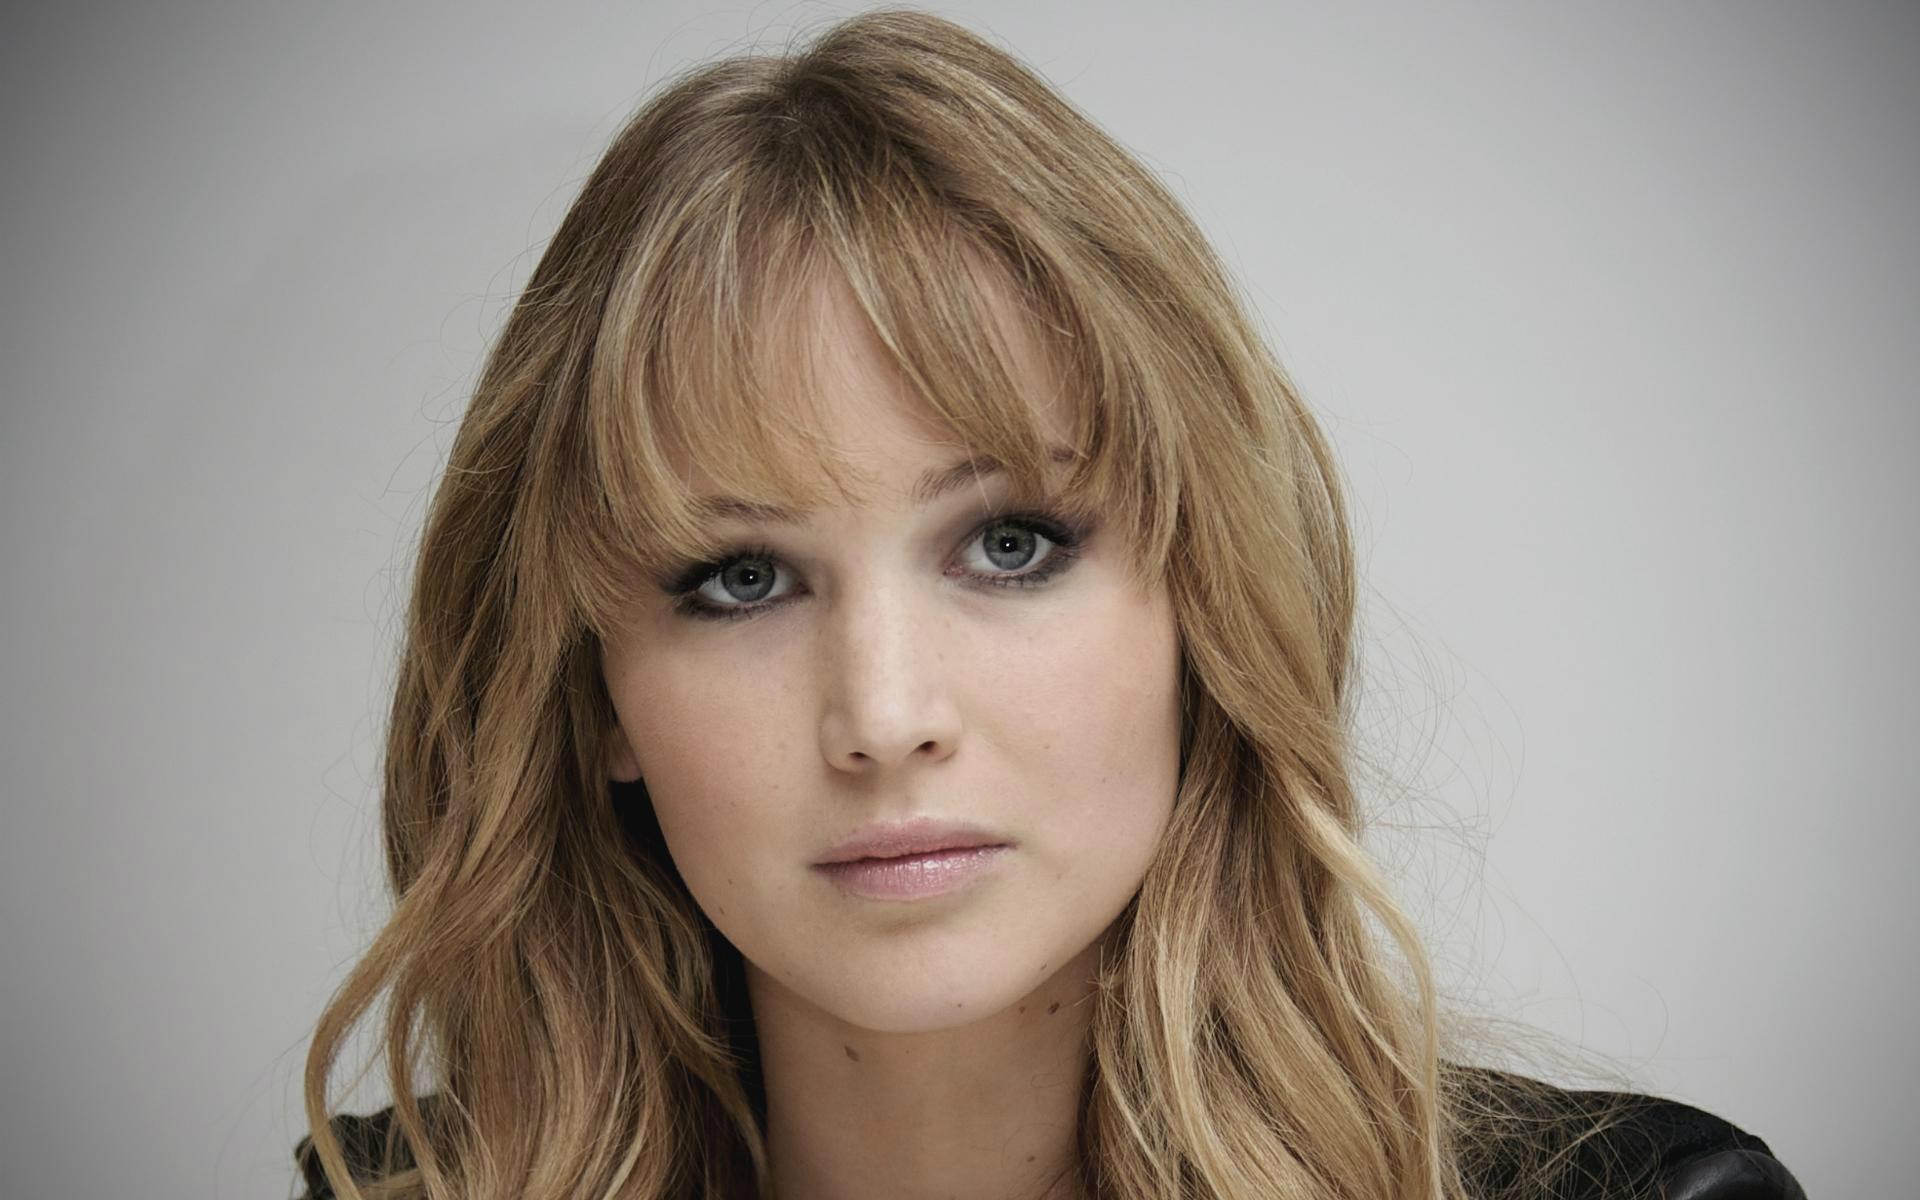 Beautiful Jennifer Lawrence Wallpaper